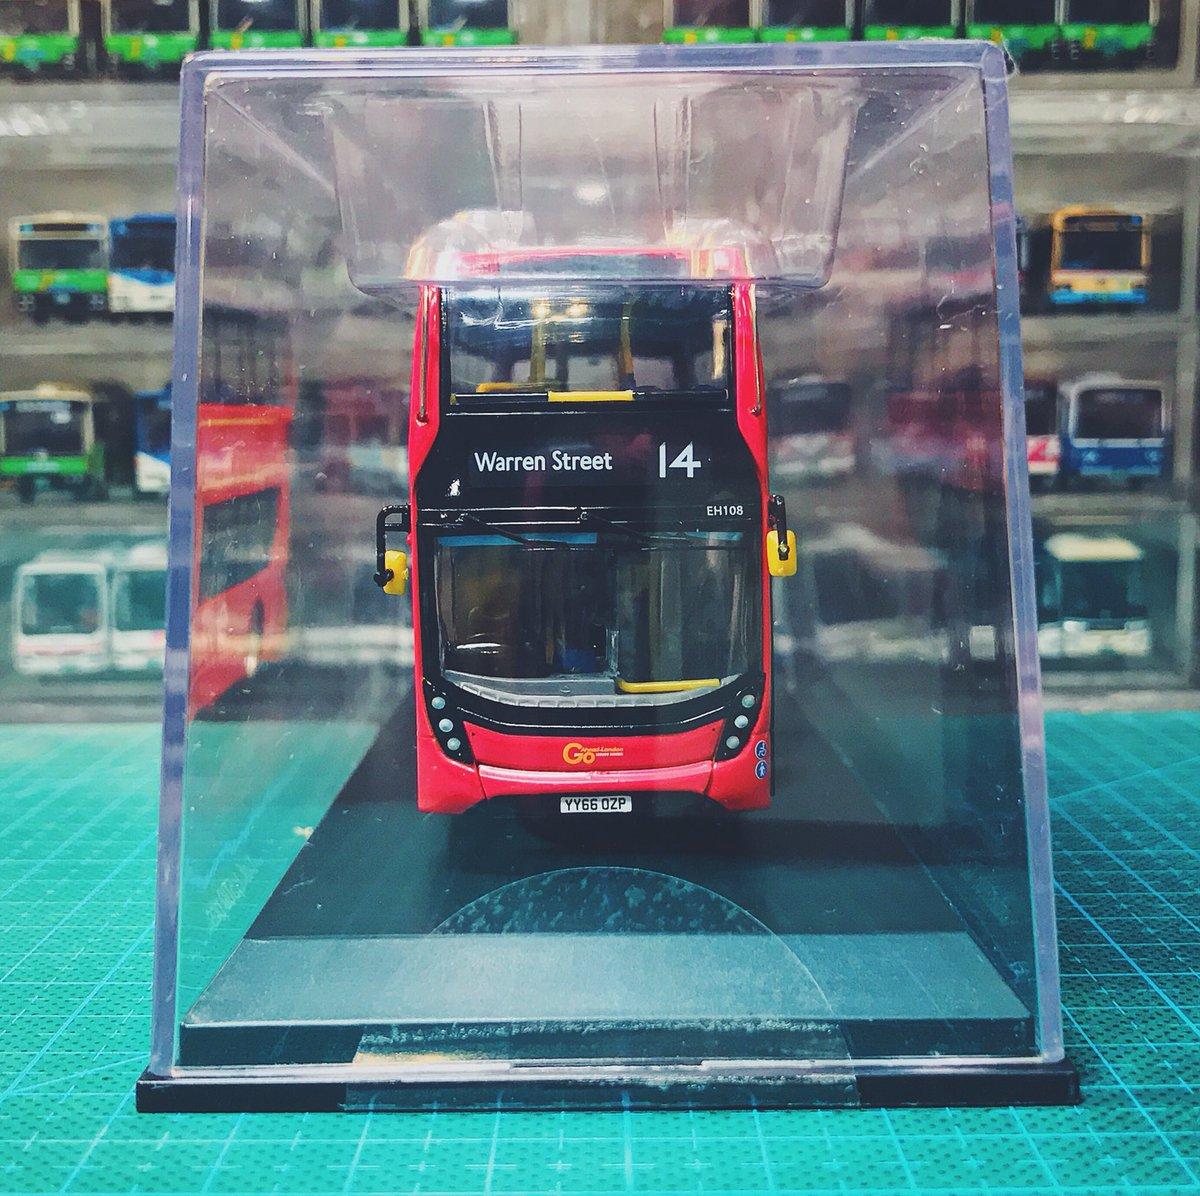 NORTHCORD UKBUS6501 ADL Enviro400 Go Ahead London EH108 YY66 OZP E400H